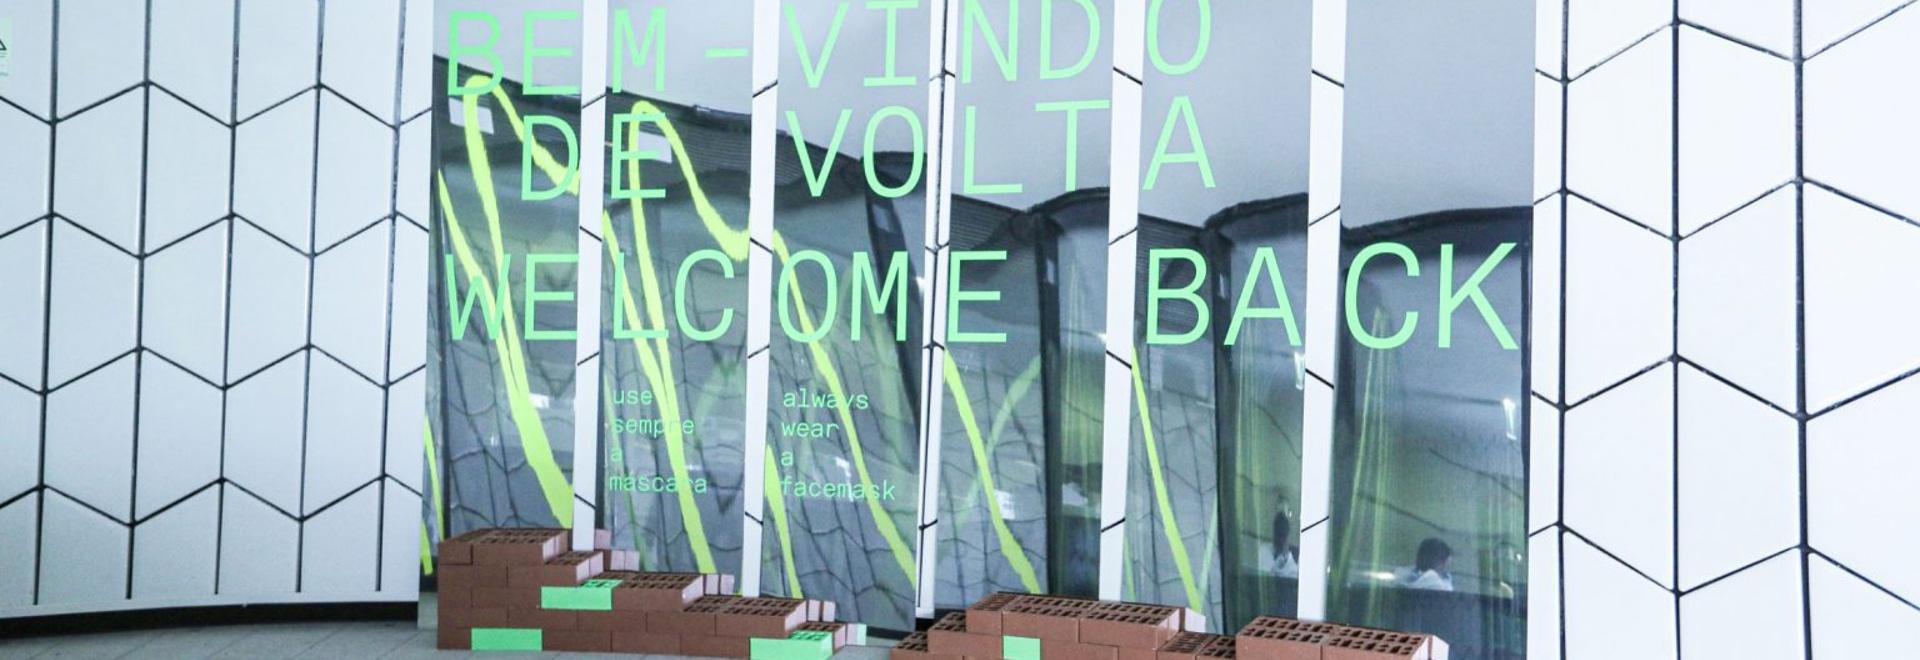 Sam Baron entwirft Ziegel- und Spiegelschilder, um soziale Distanzierung am MAAT zu ermöglichen